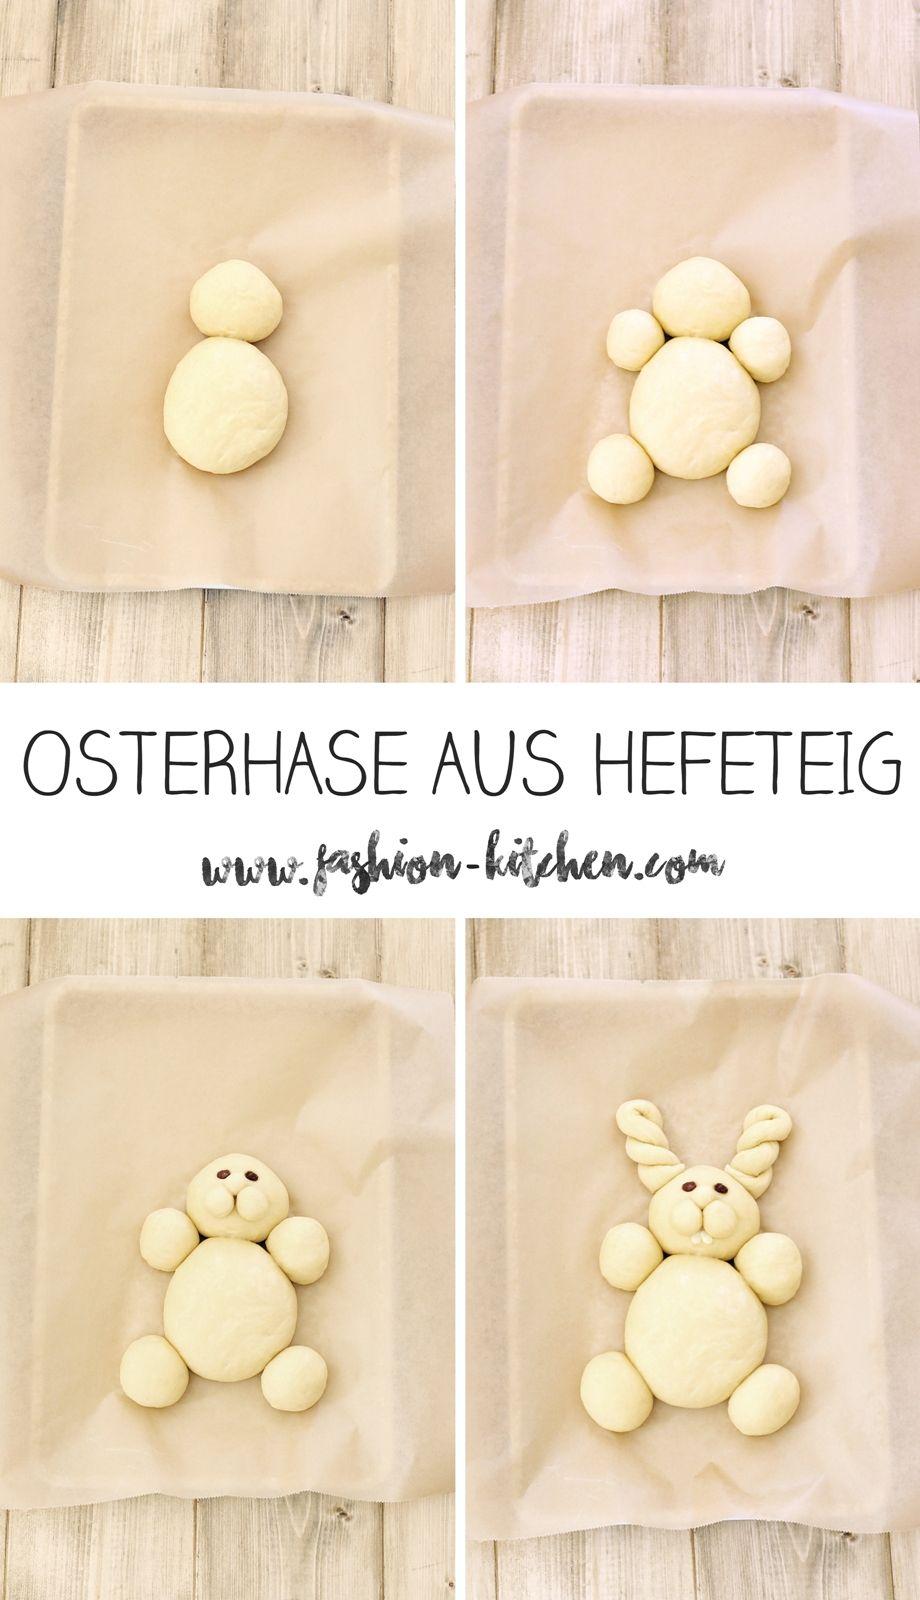 süßer Osterhase aus Hefeteig - Fashion Kitchen